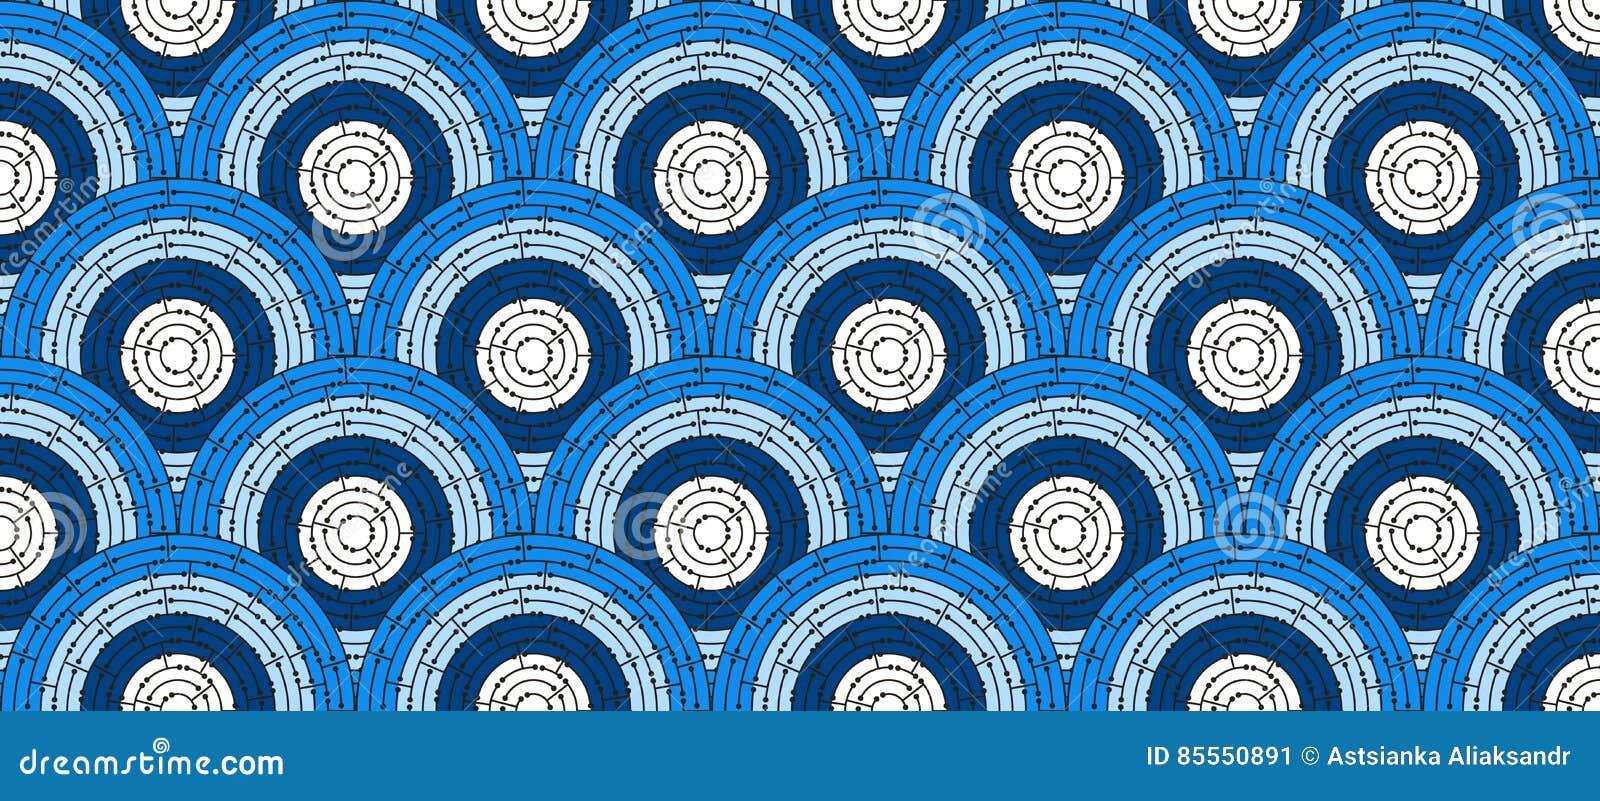 Kreisförmiges nahtloses Muster des farbigen Labyrinths mit Punkten, flach